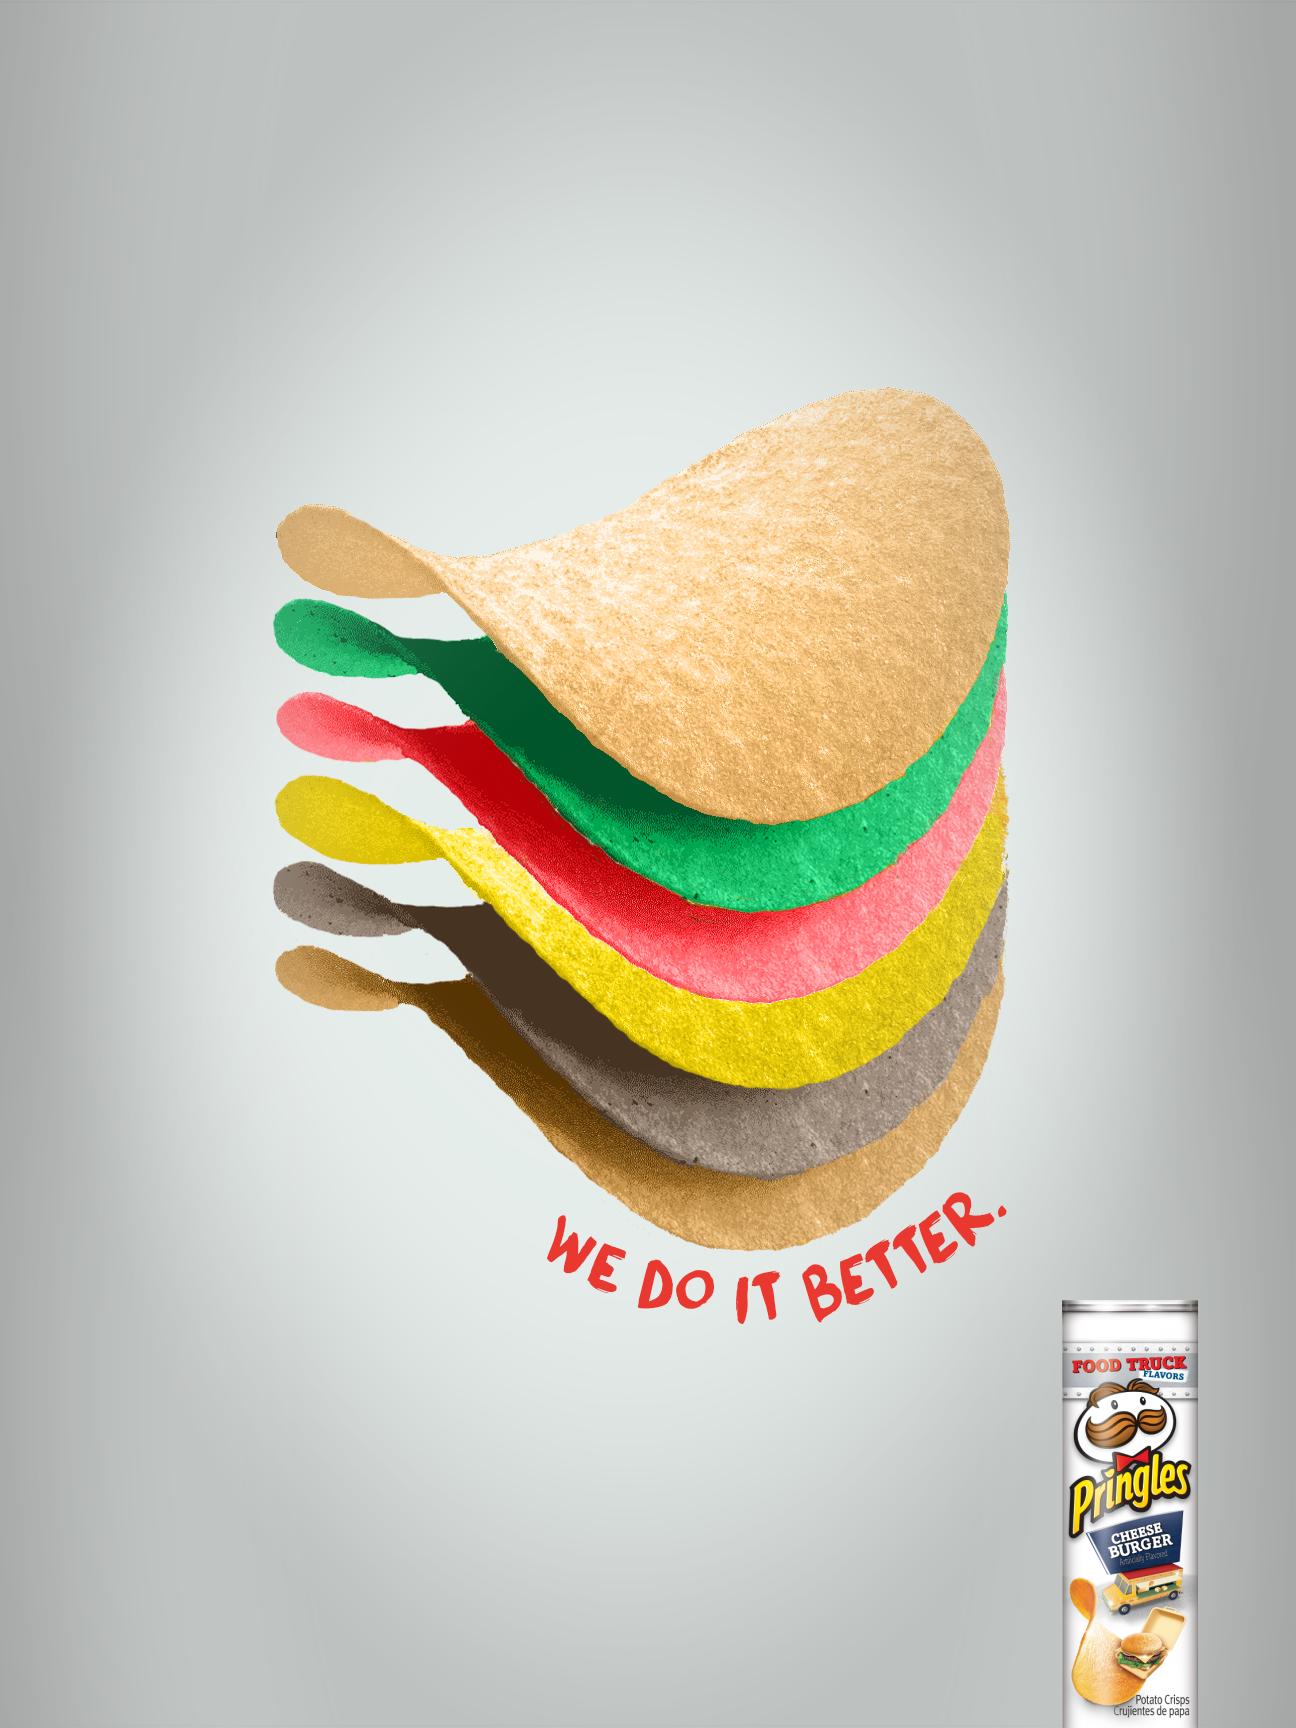 Pringles burger final font 1.png